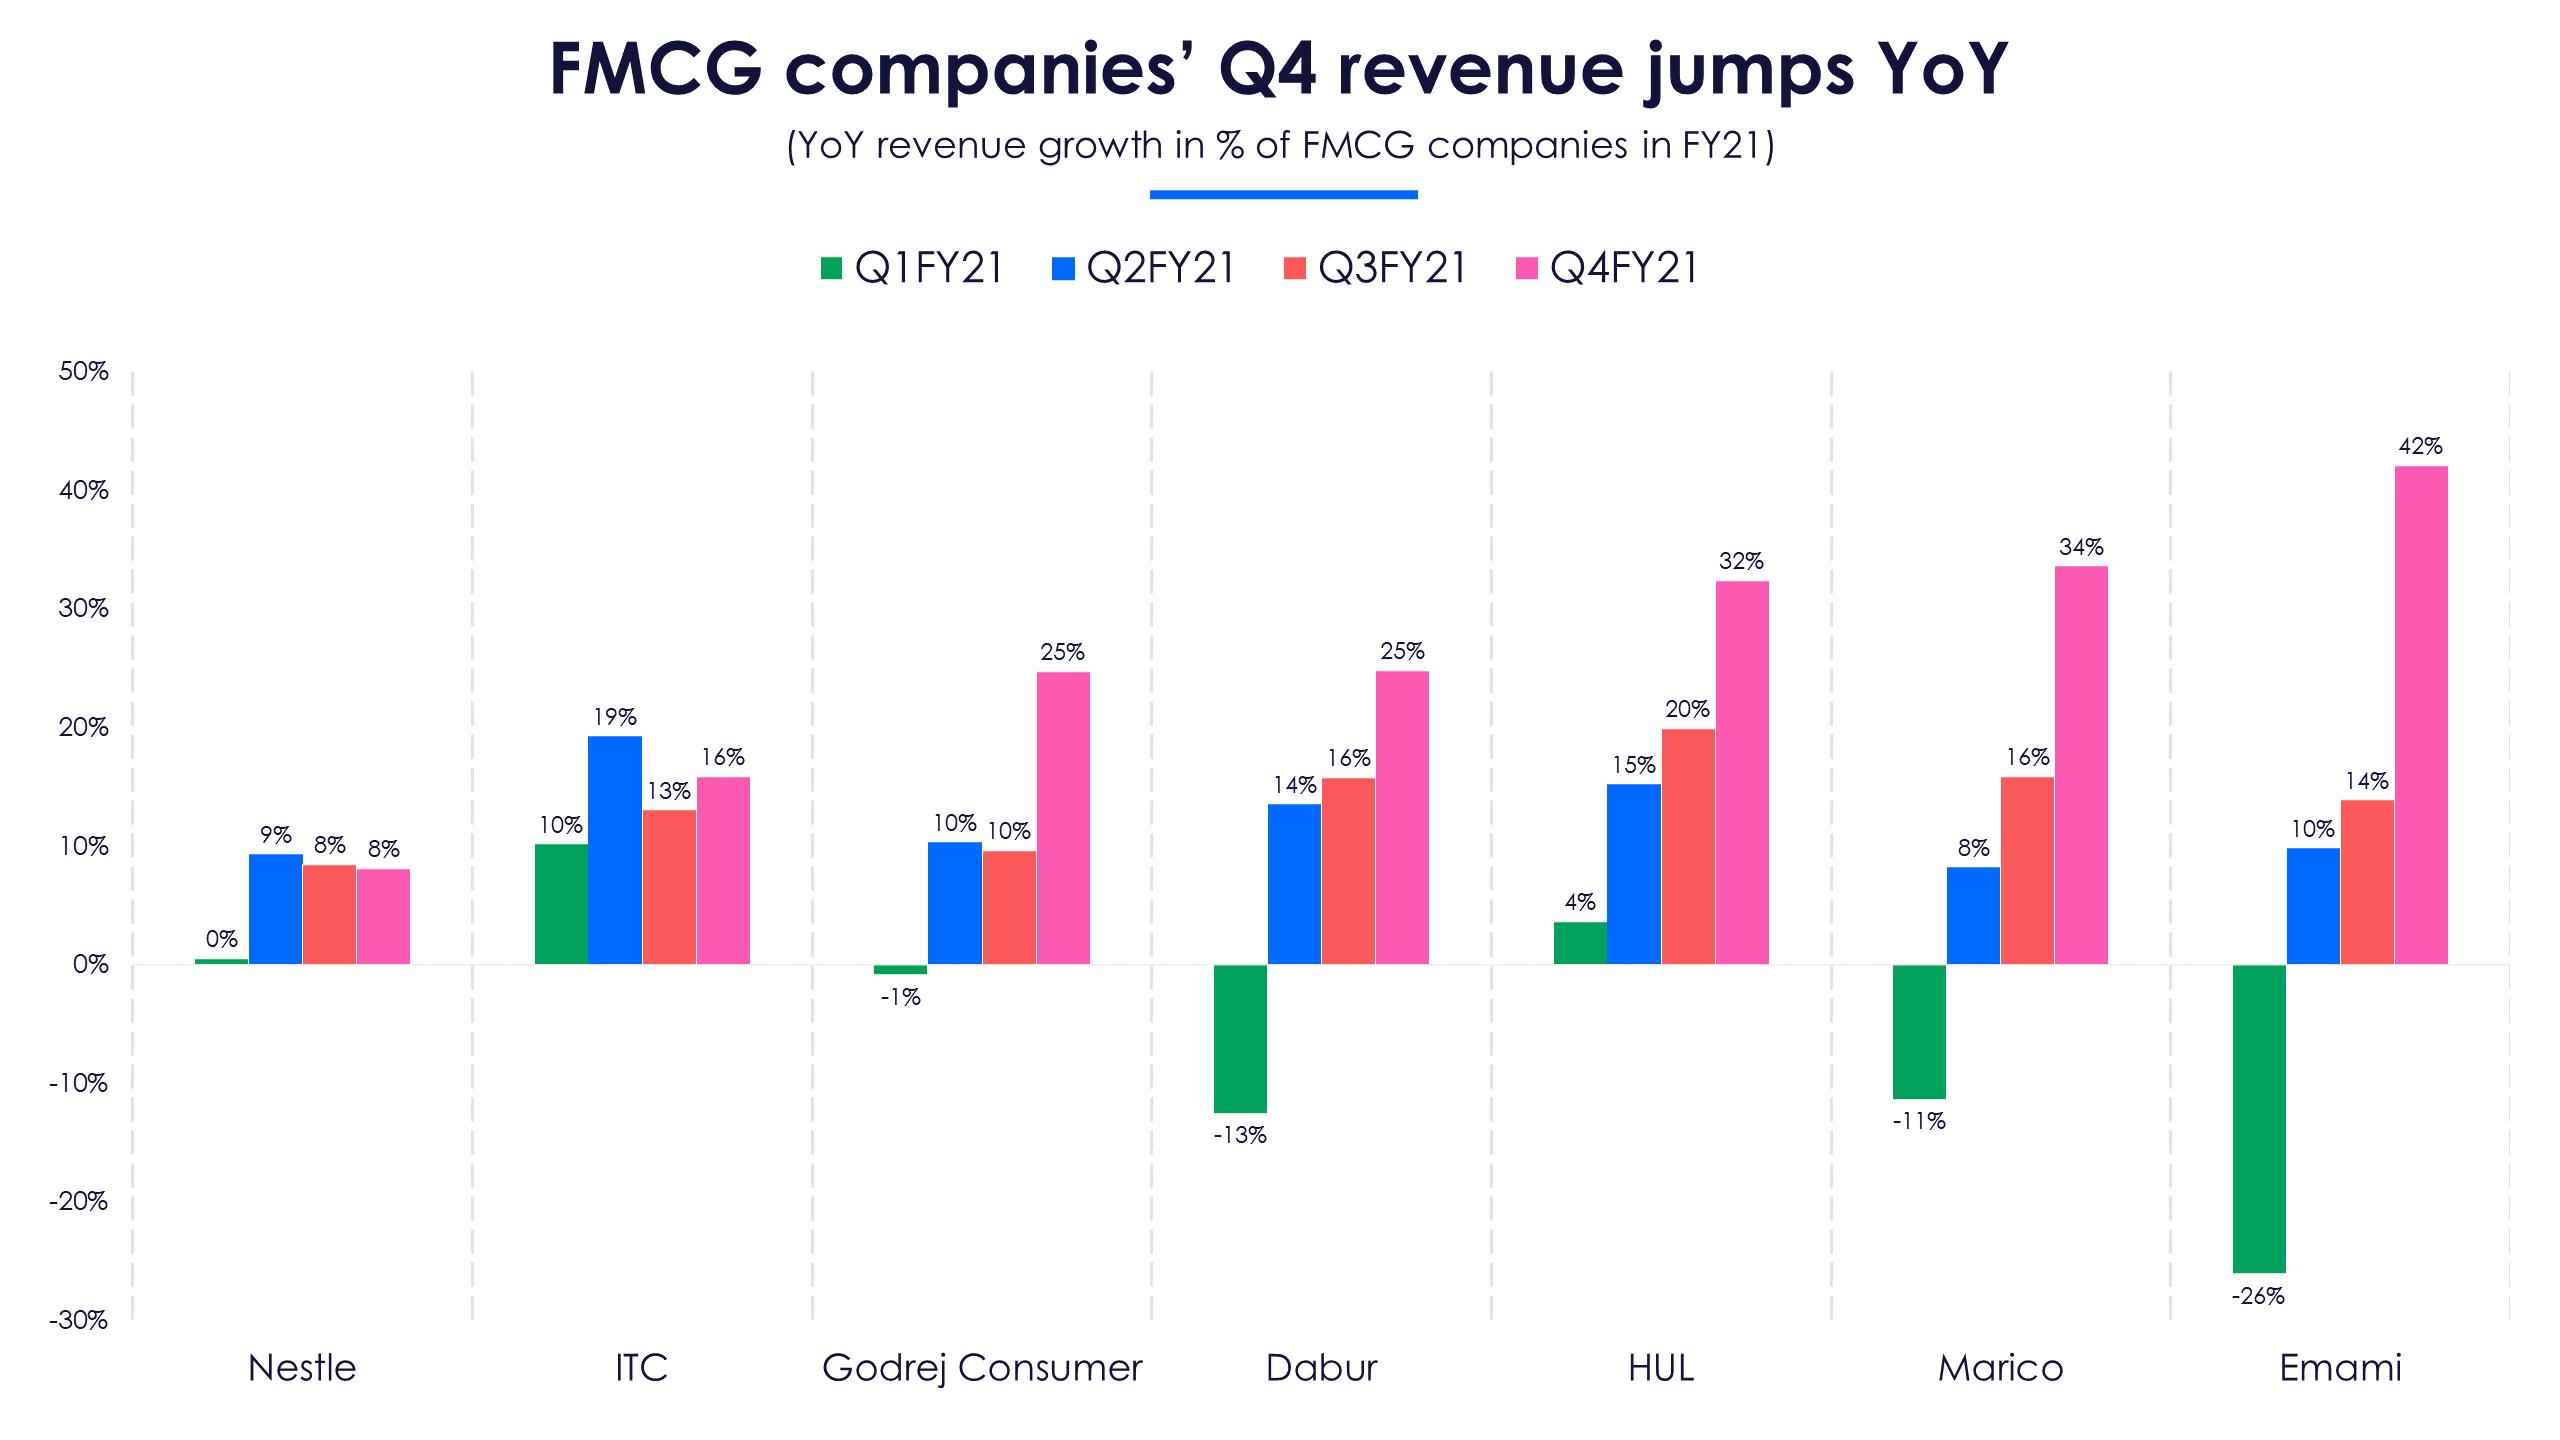 FMCG revenue